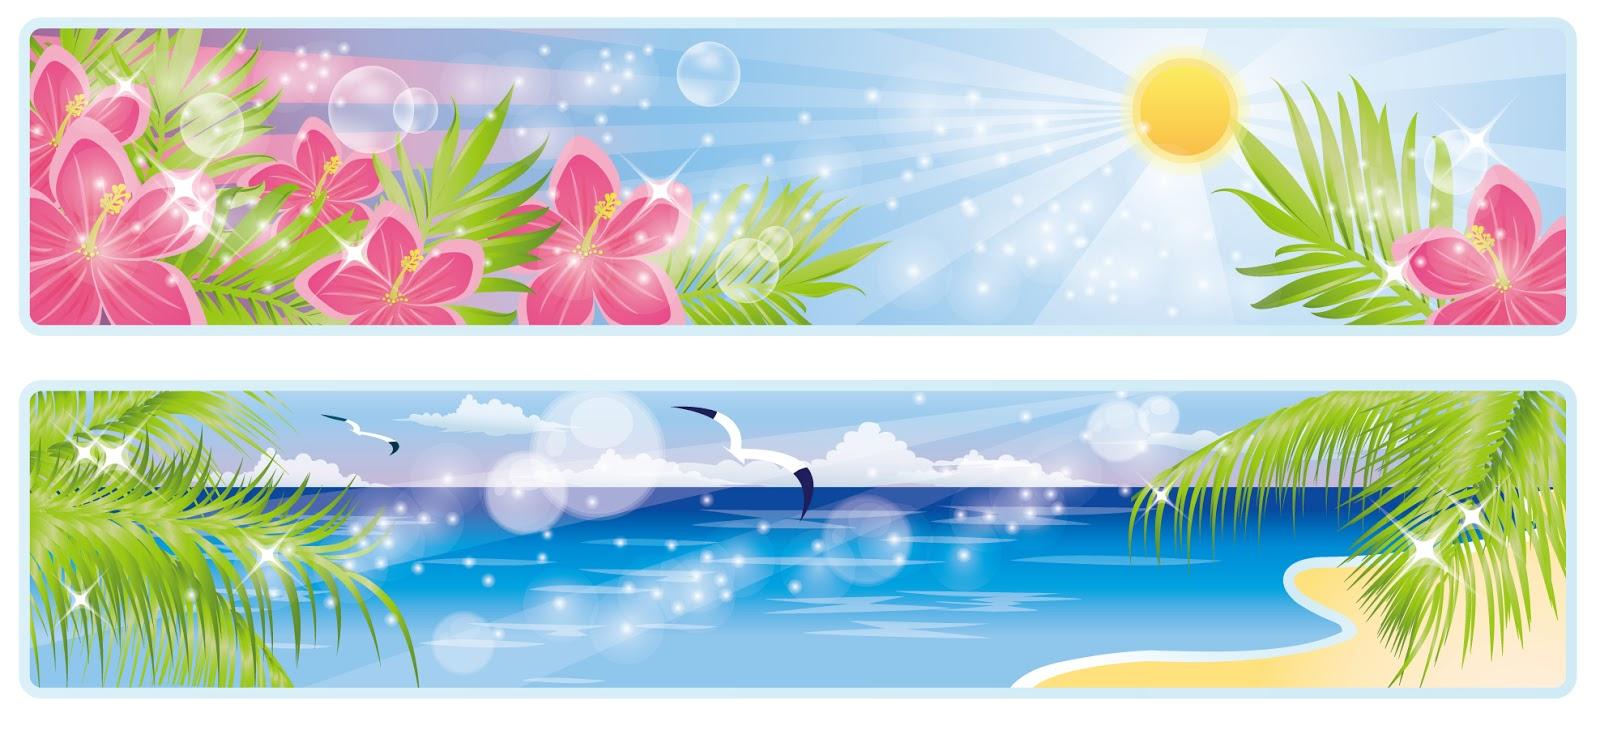 明るい陽射しの浜辺のバナー sea level ocean sun seagulls イラスト素材